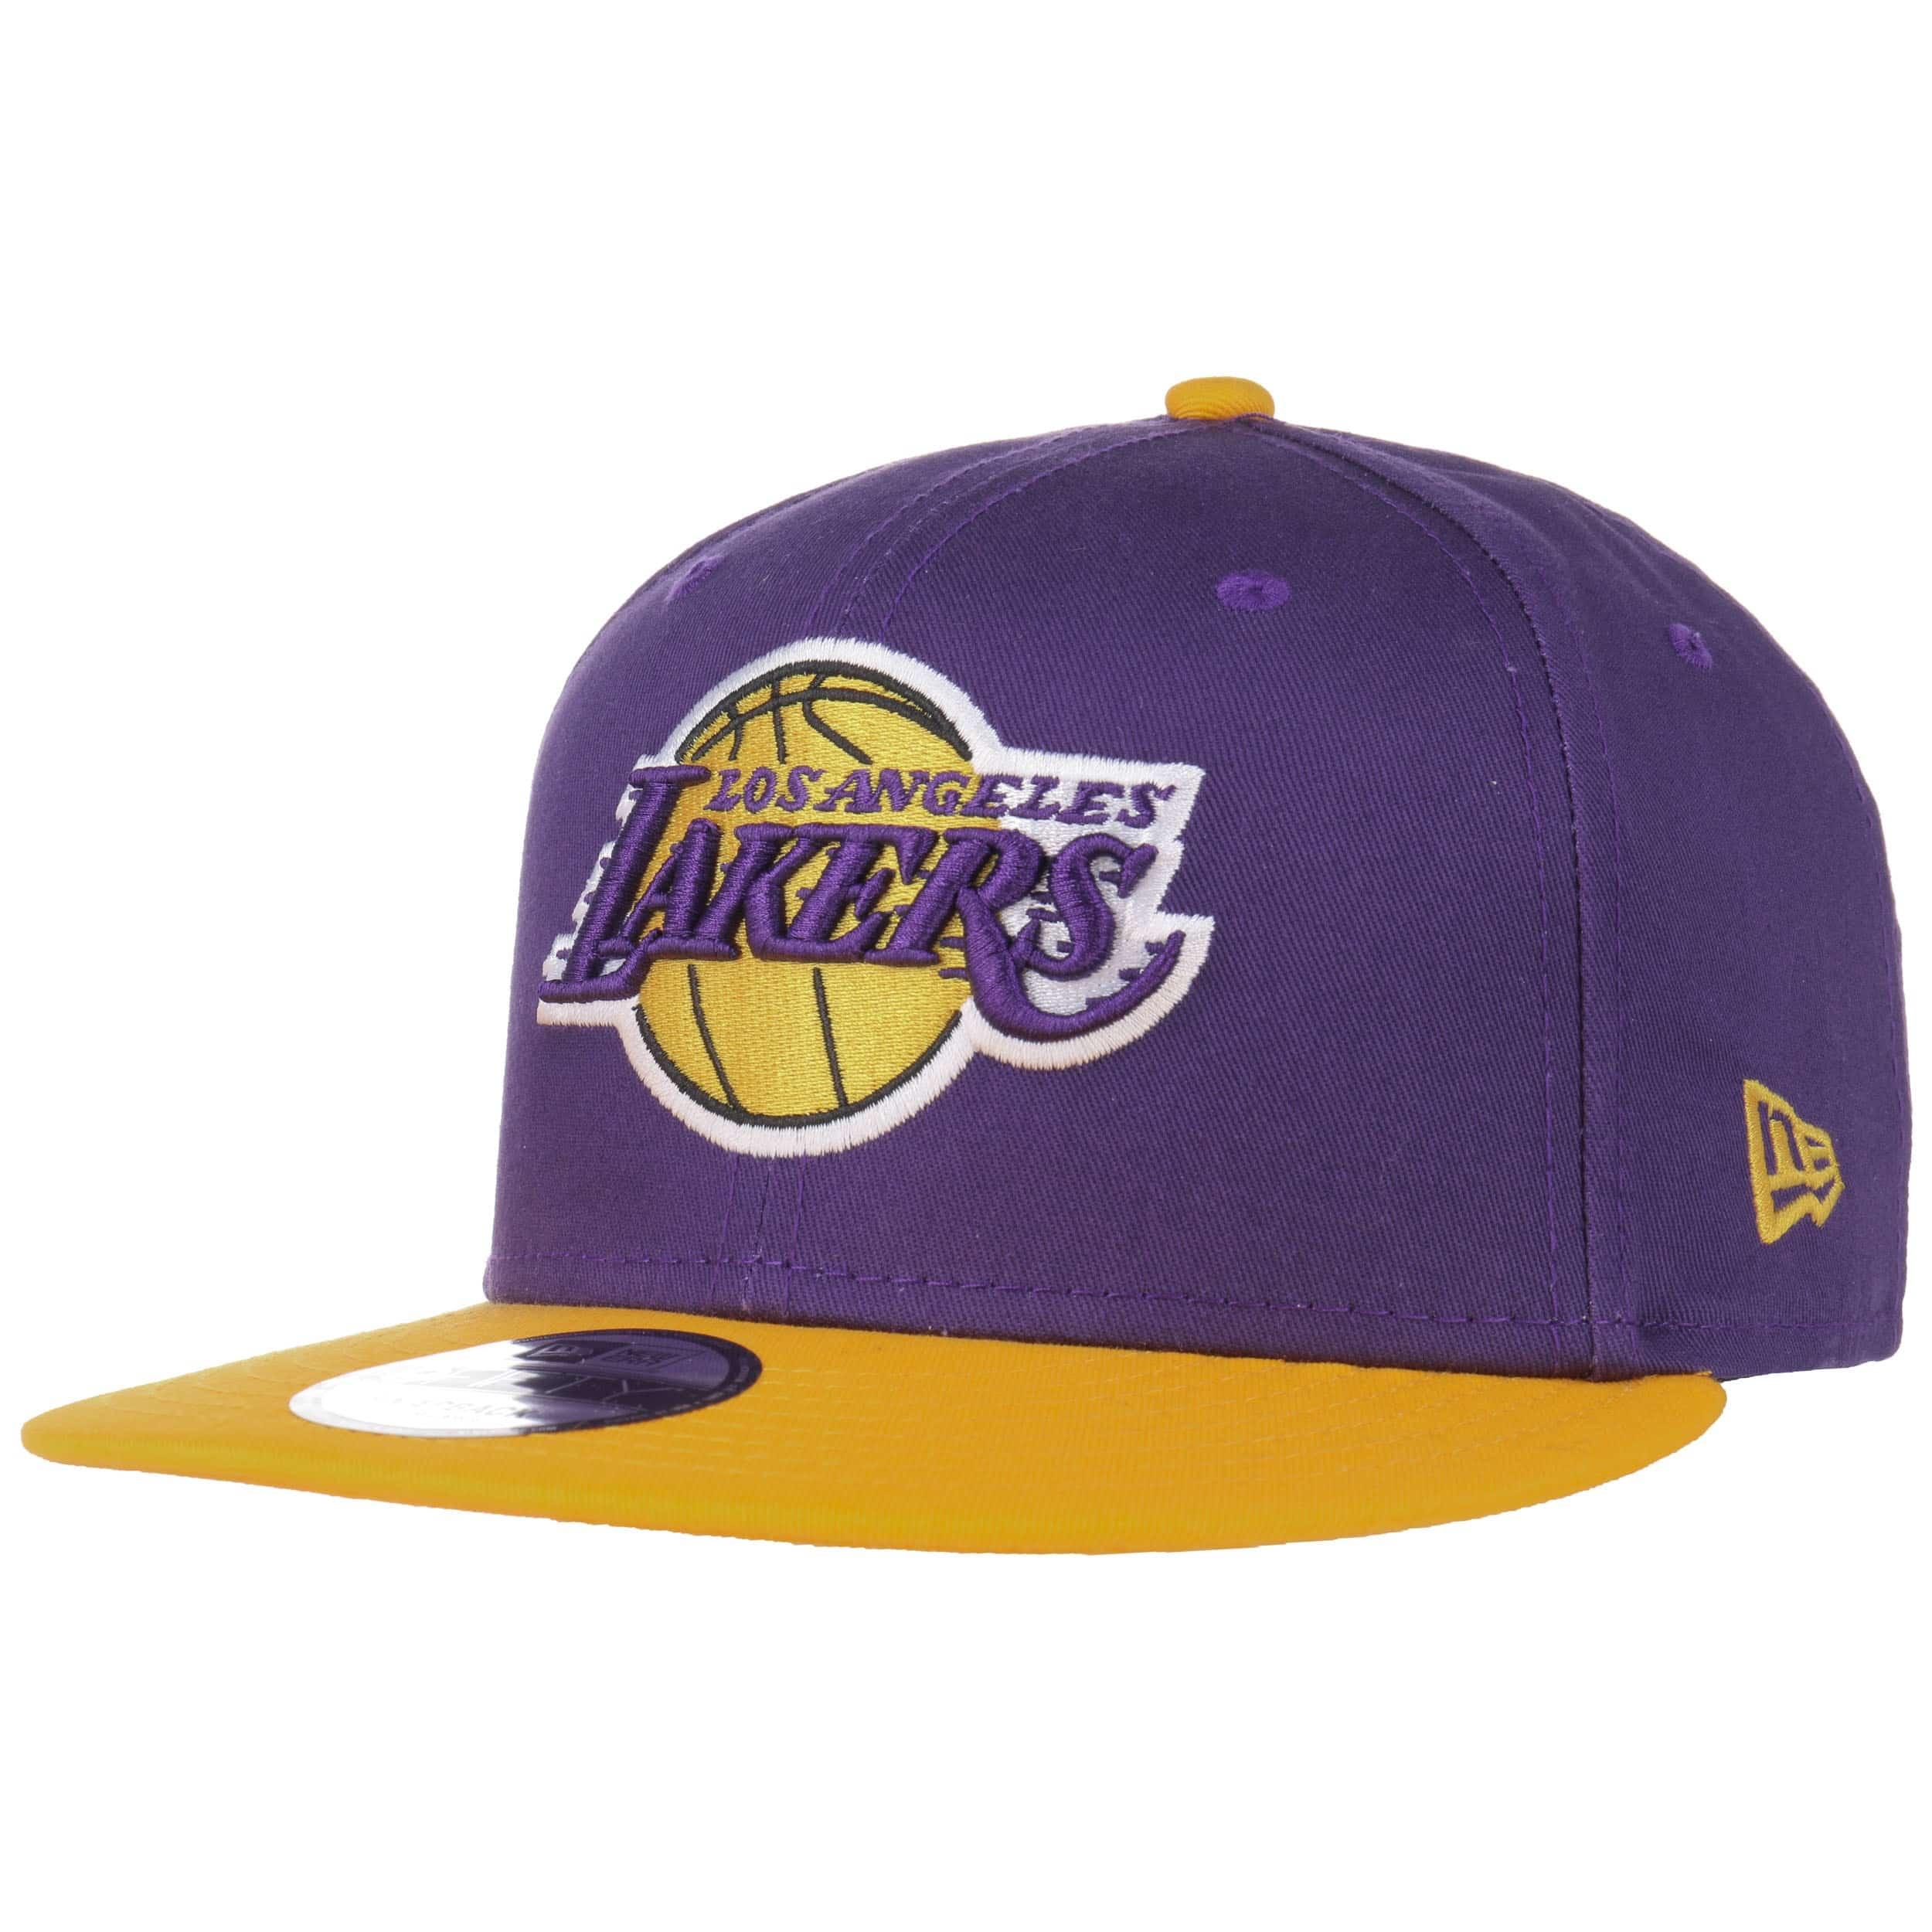 ... 6 · Cappellino 9Fifty TC LA Lakers by New Era - lilla 7 dd3e88a6385e